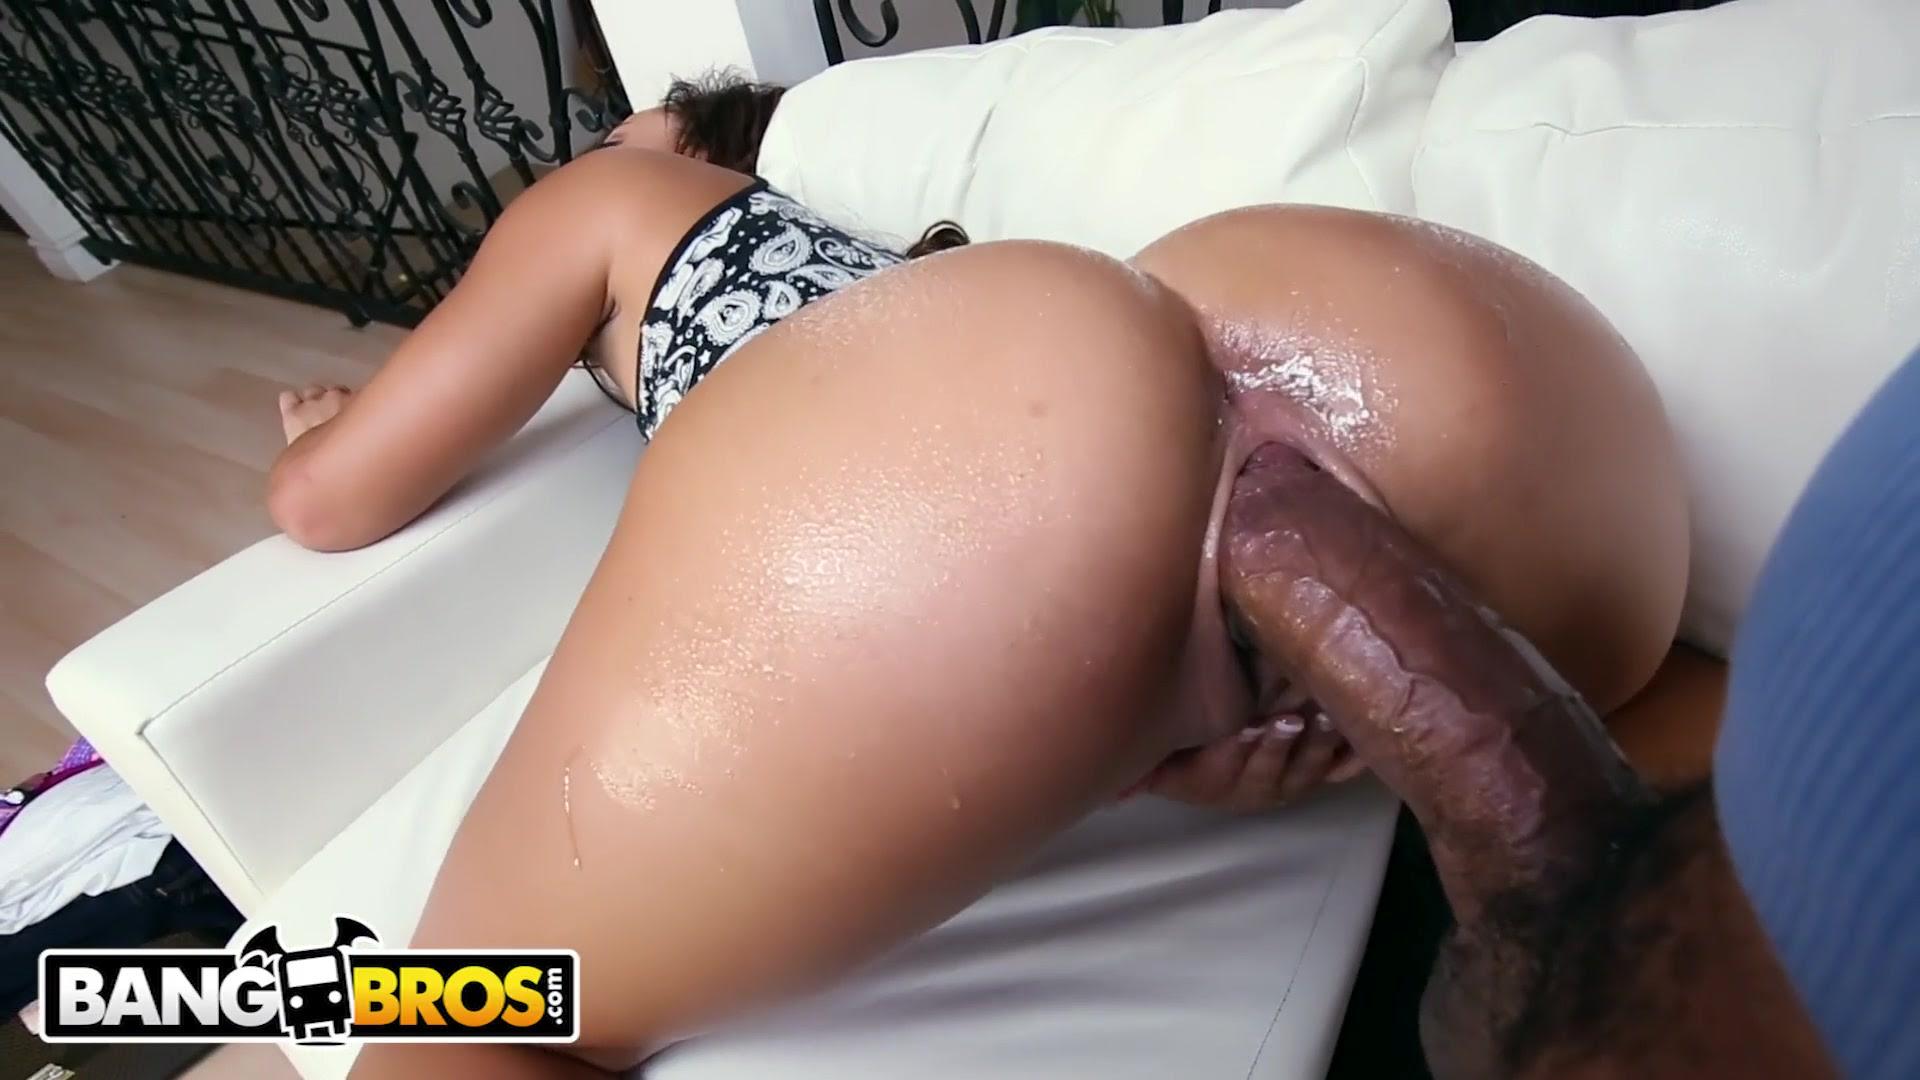 Negra rabuda gozando no caralho do Shane Diesel fodendo sua buceta